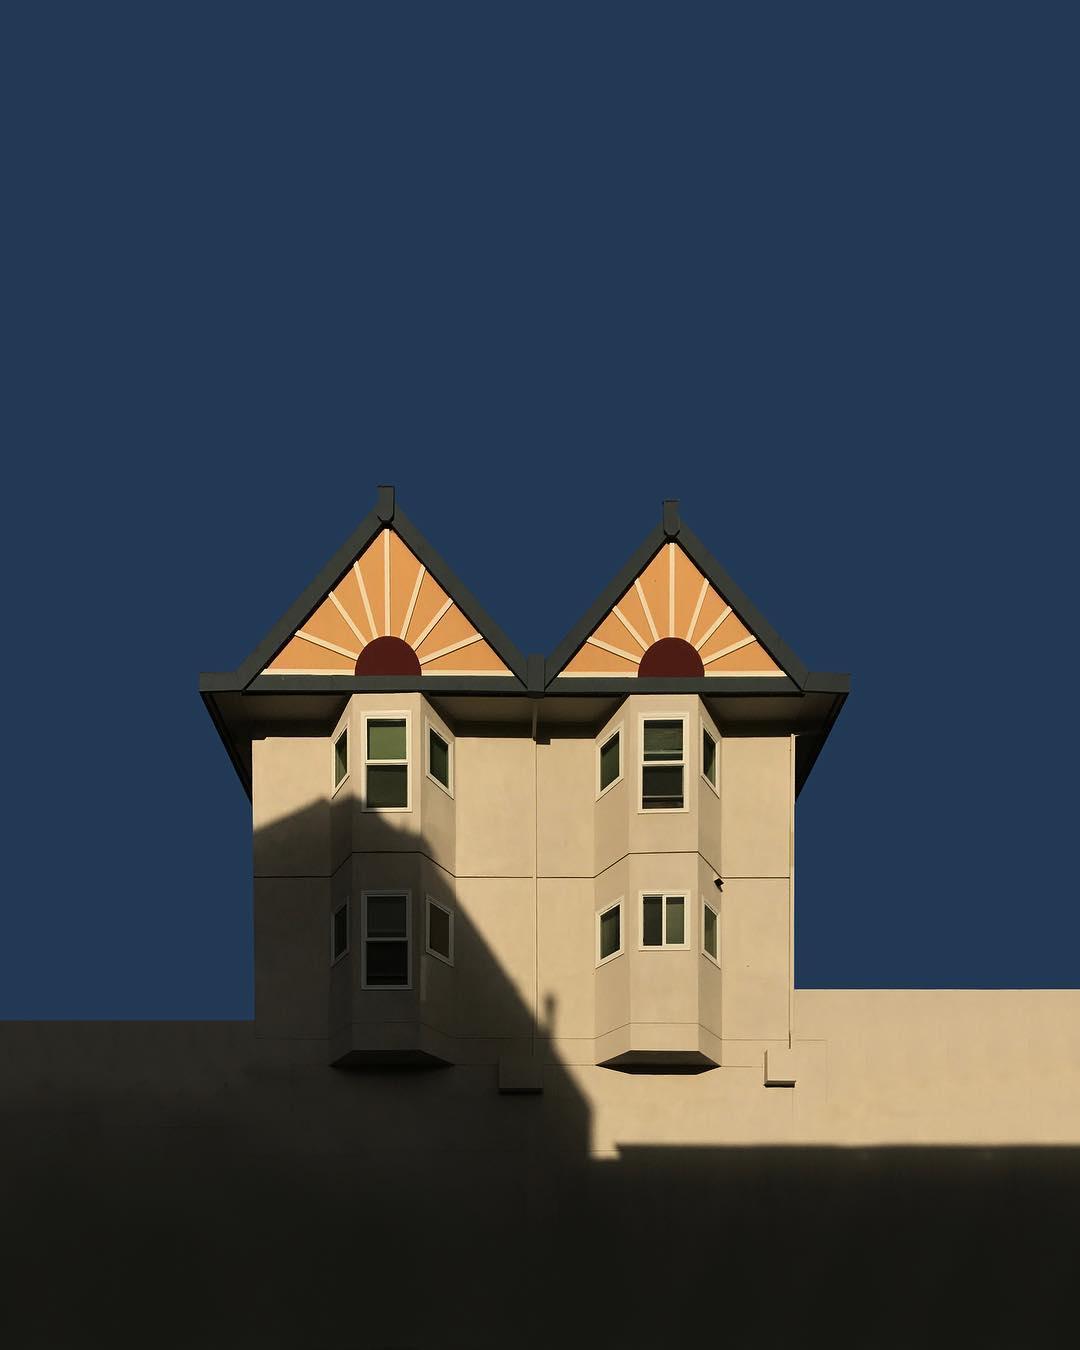 Le folli architetture di Eric Randall Morris | Collater.al 12